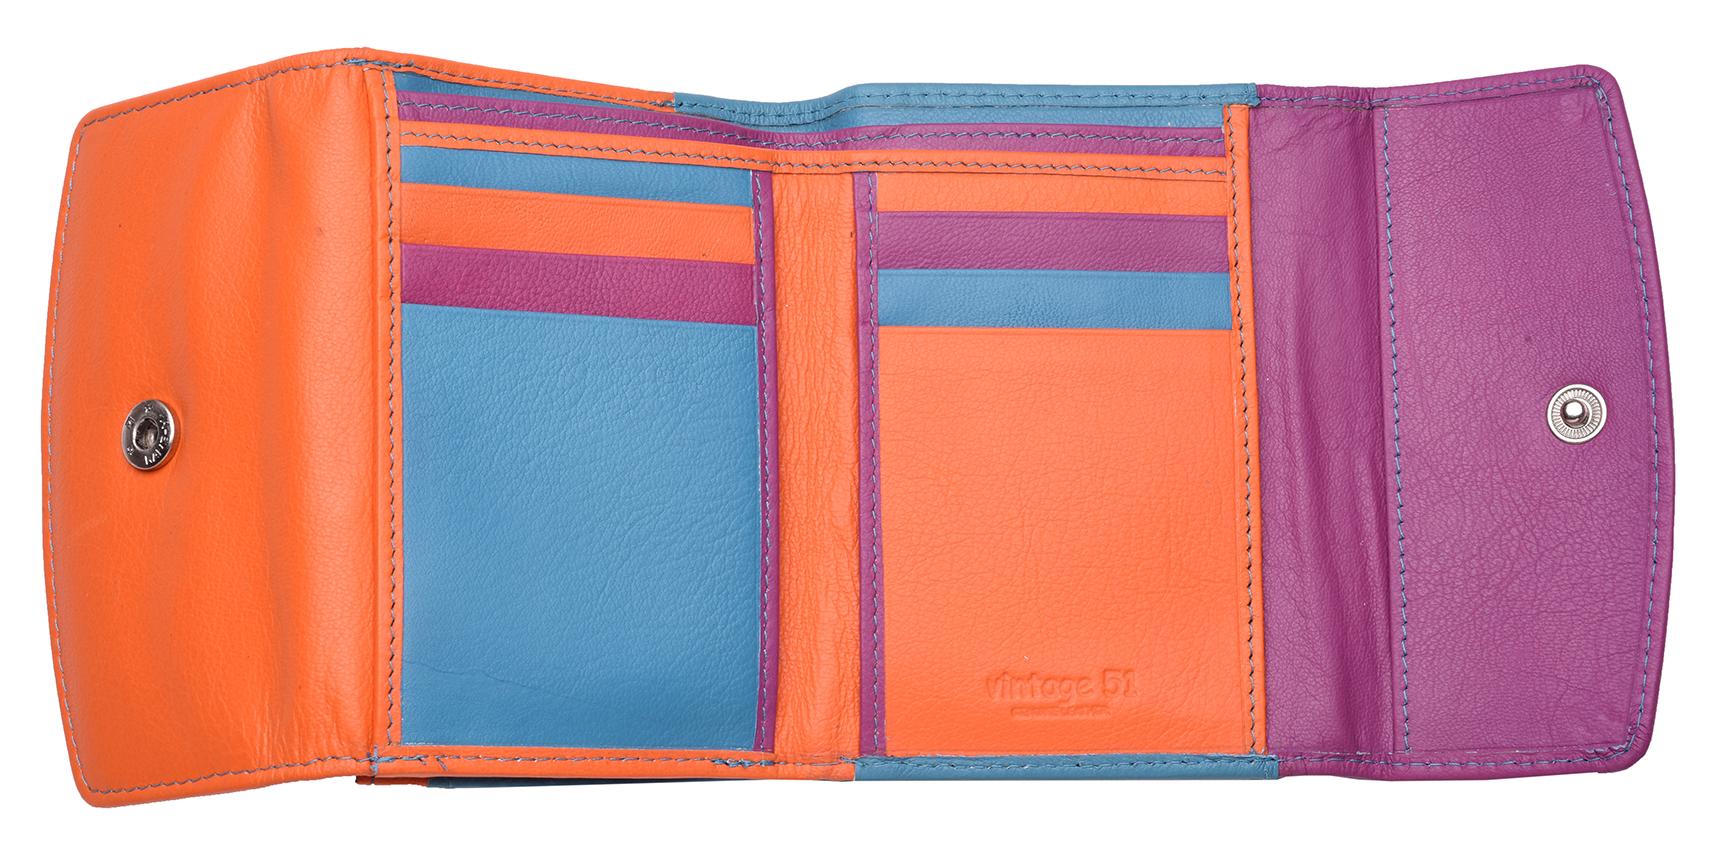 Femme-Multi-Couleur-RFID-Bloquant-en-cuir-veritable-sac-a-main-bleu-violet-noir miniature 6